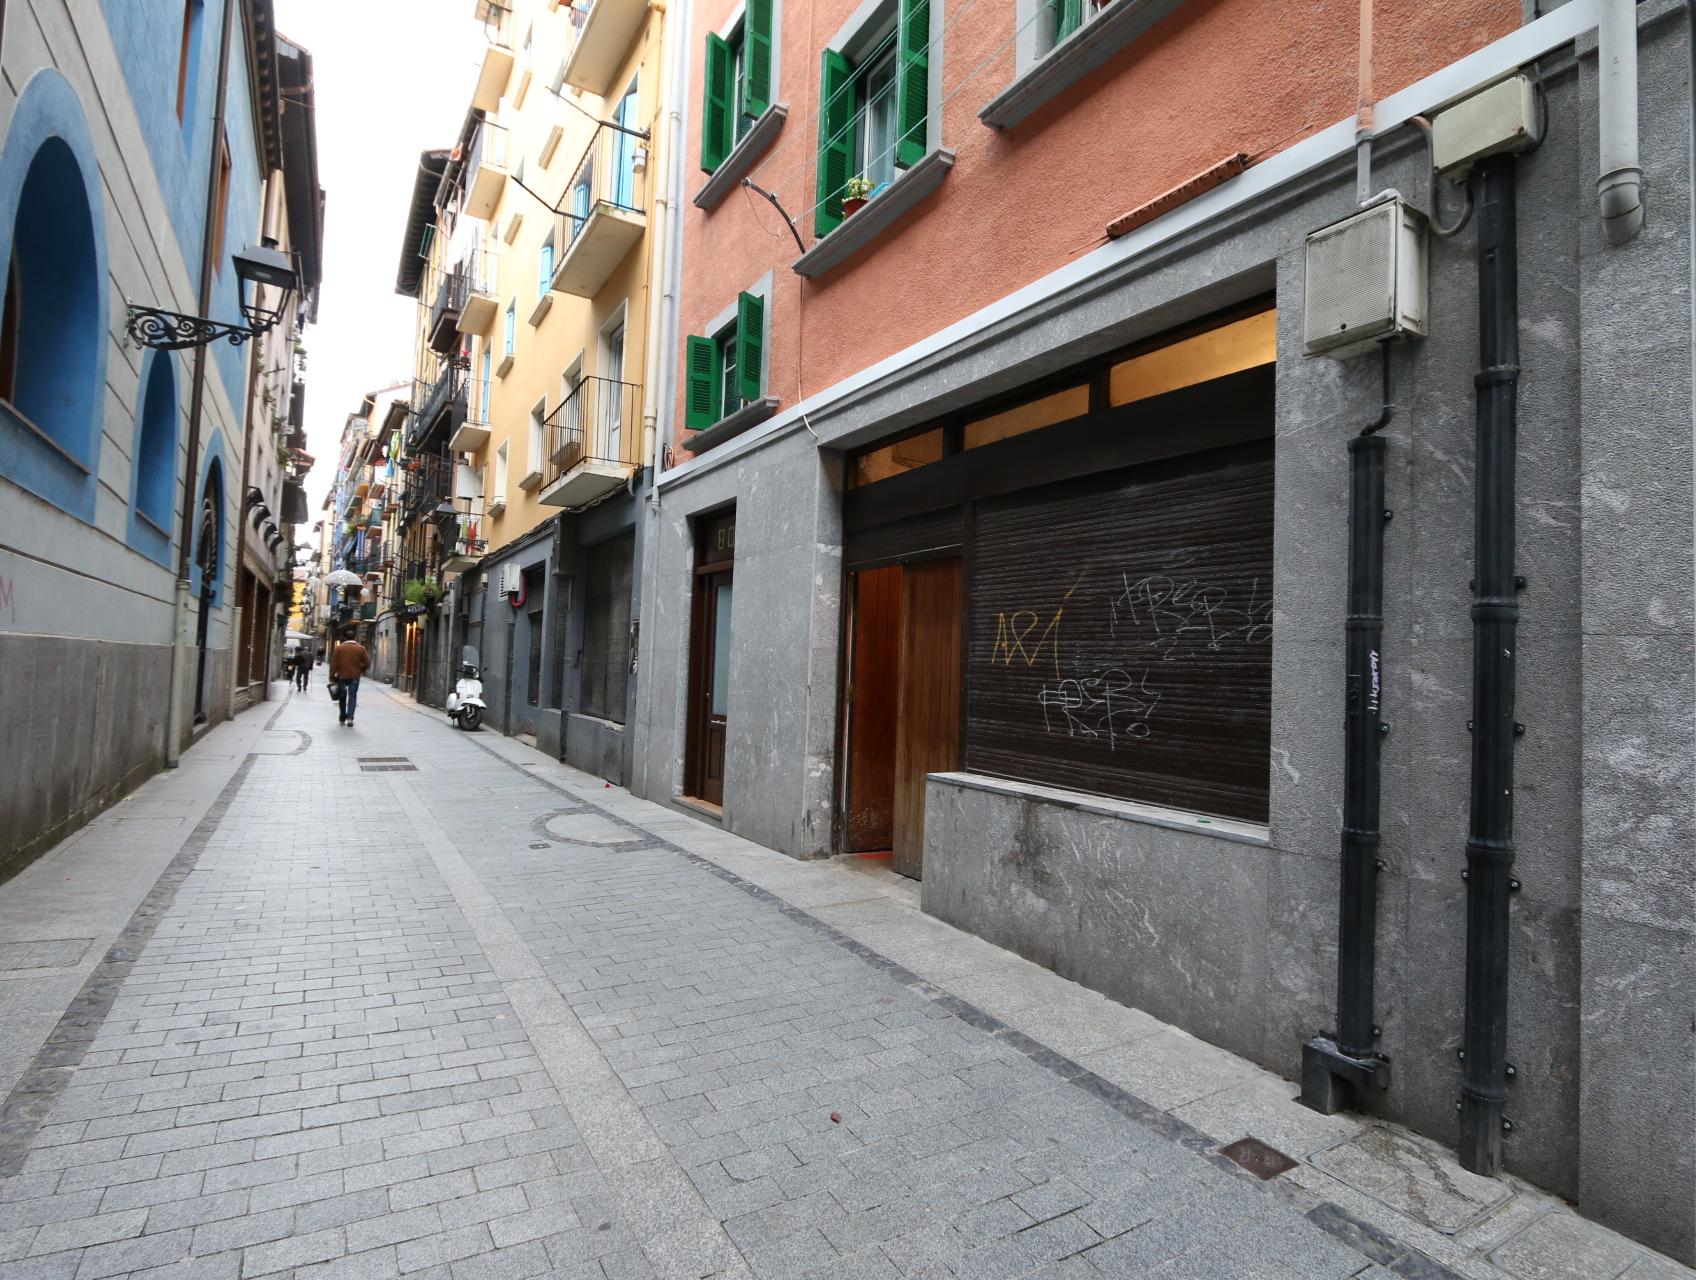 Local en venta en parte vieja, Tolosa, Tolosaldea, Gipuzkoa